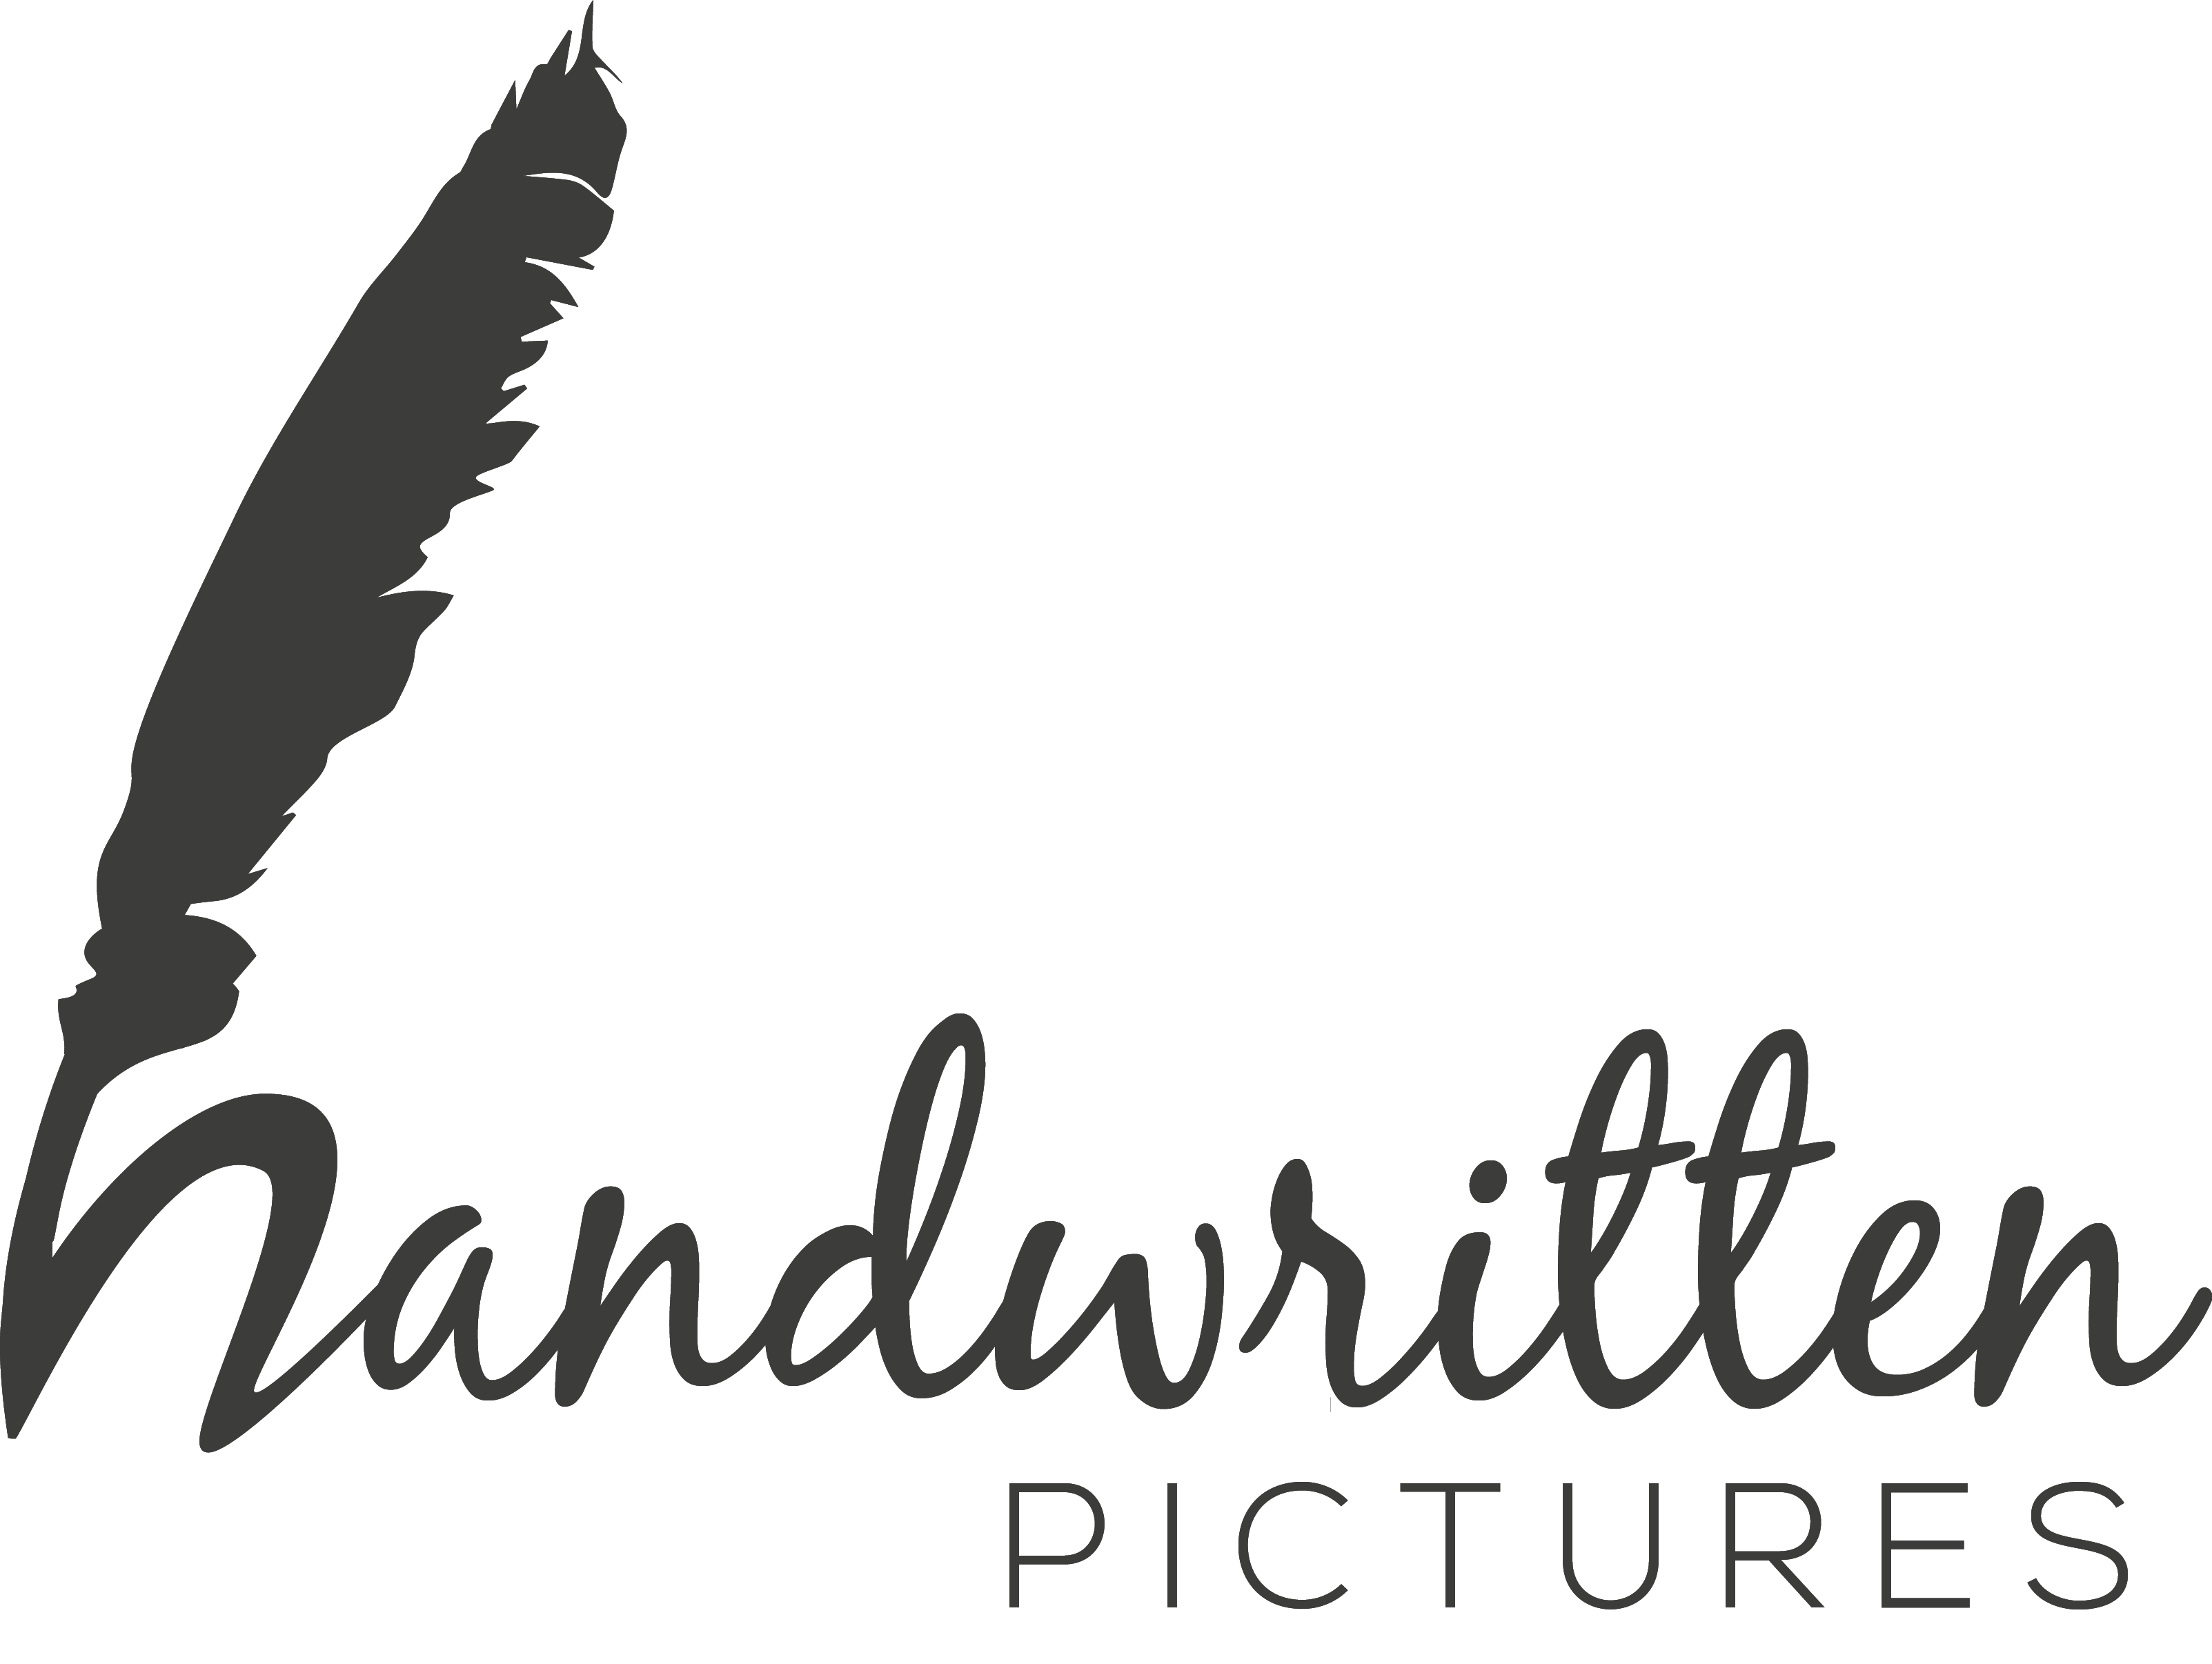 handwritten Pictures GmbH